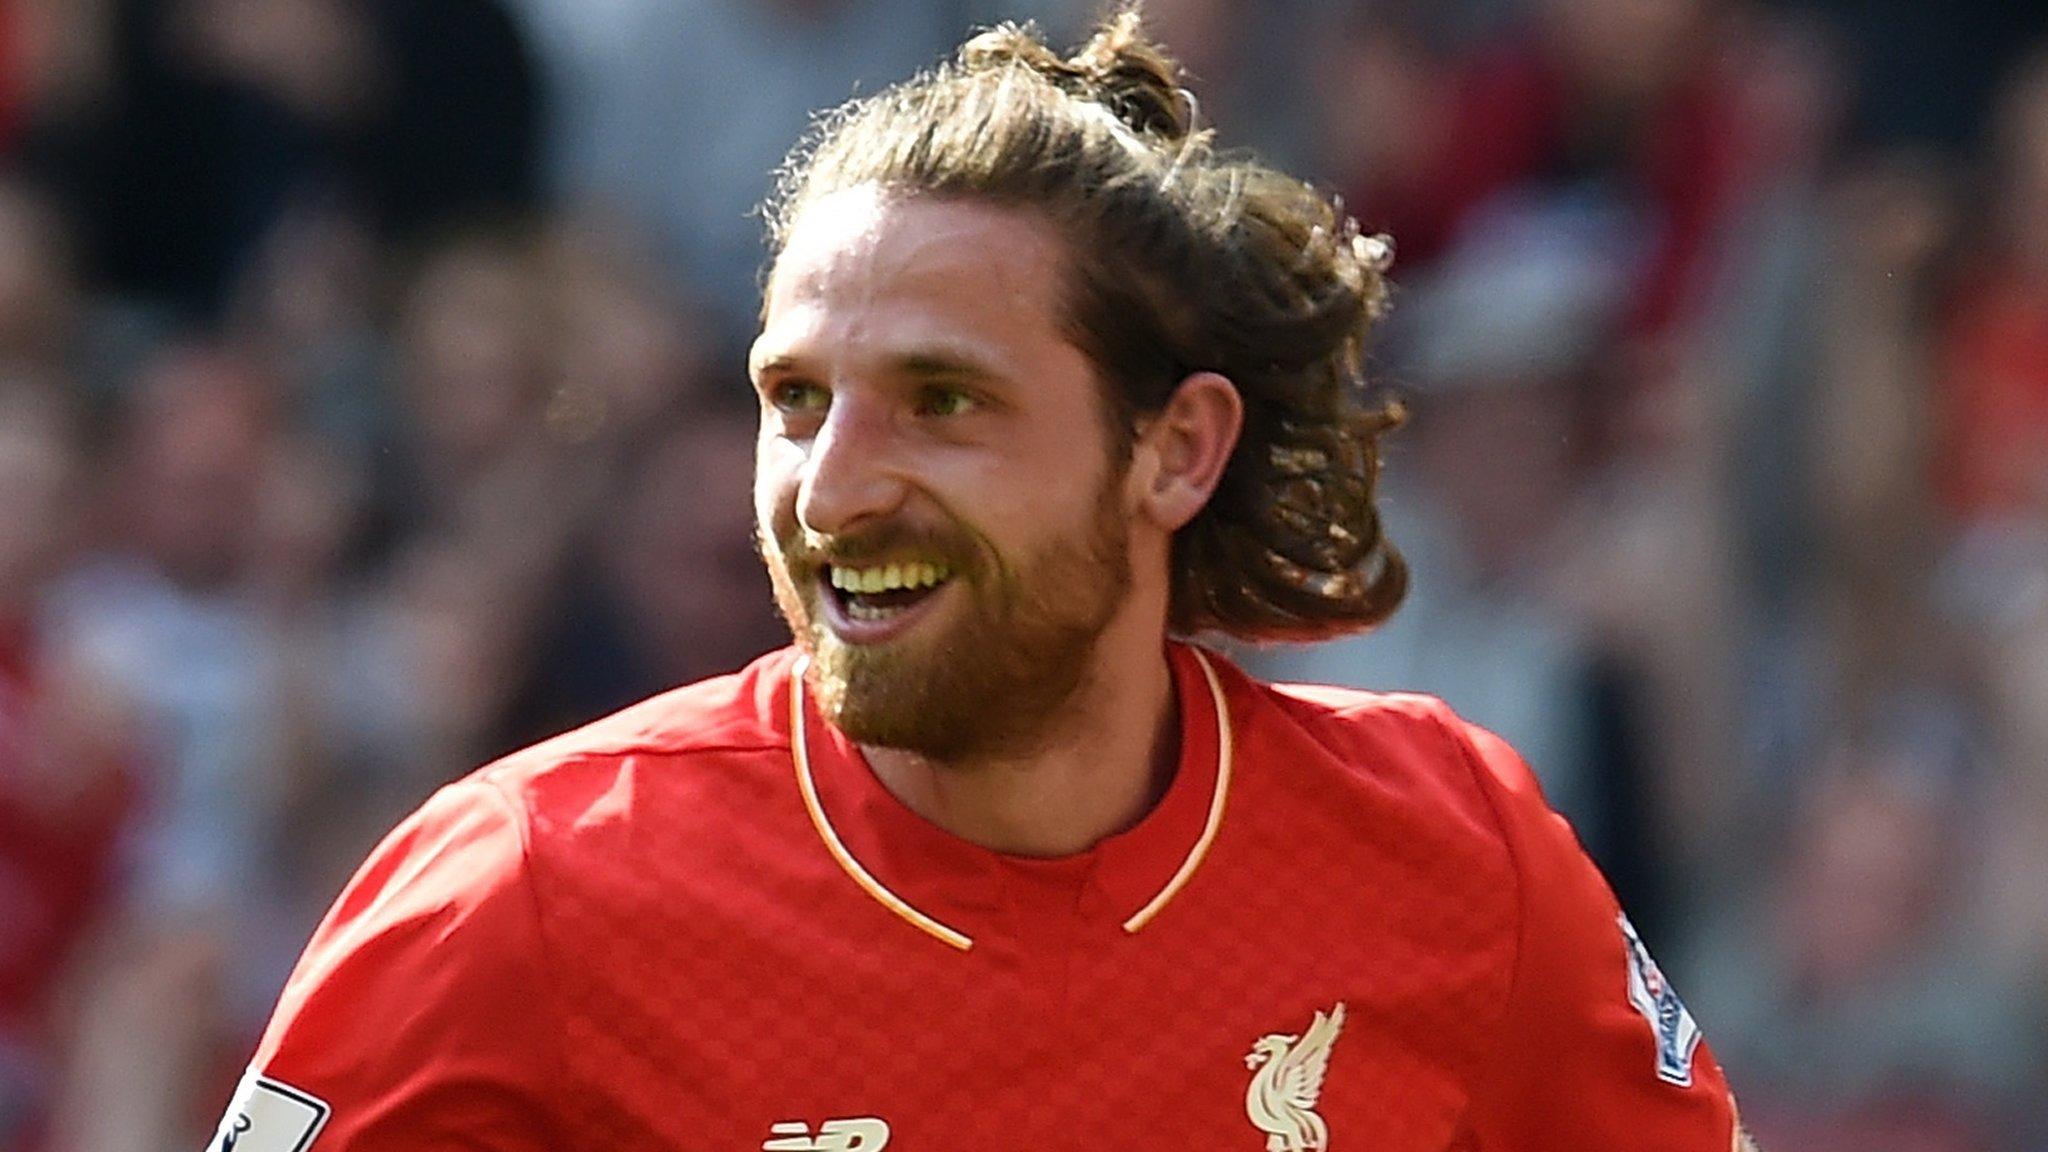 Joe Allen: Stoke City sign Liverpool midfielder in £13m transfer